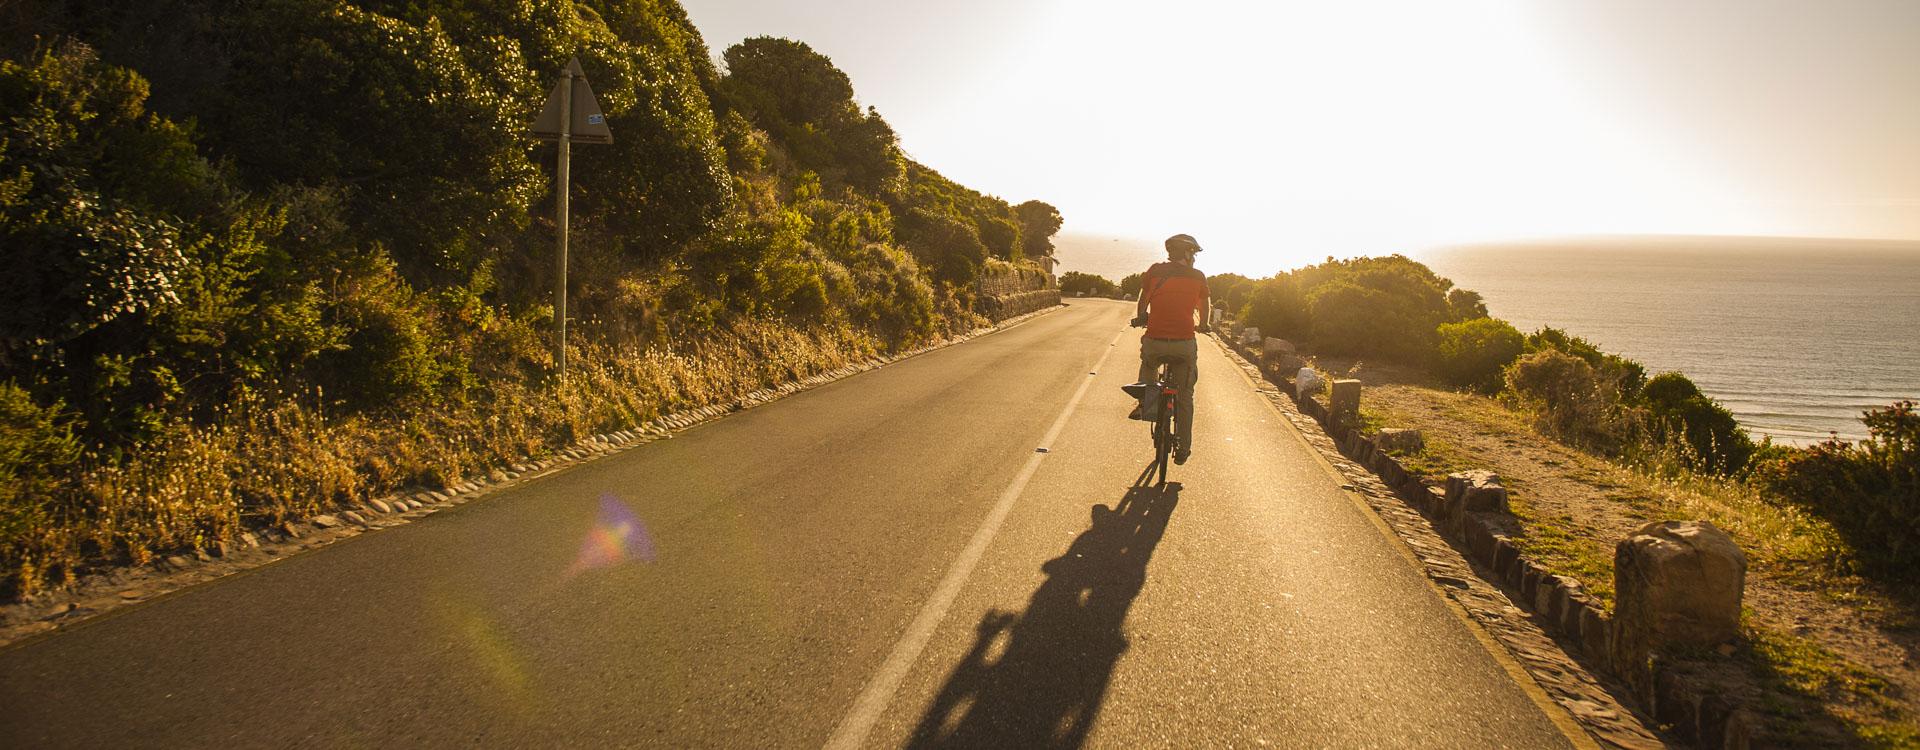 e-bike-reisen-sdafrika1.jpg